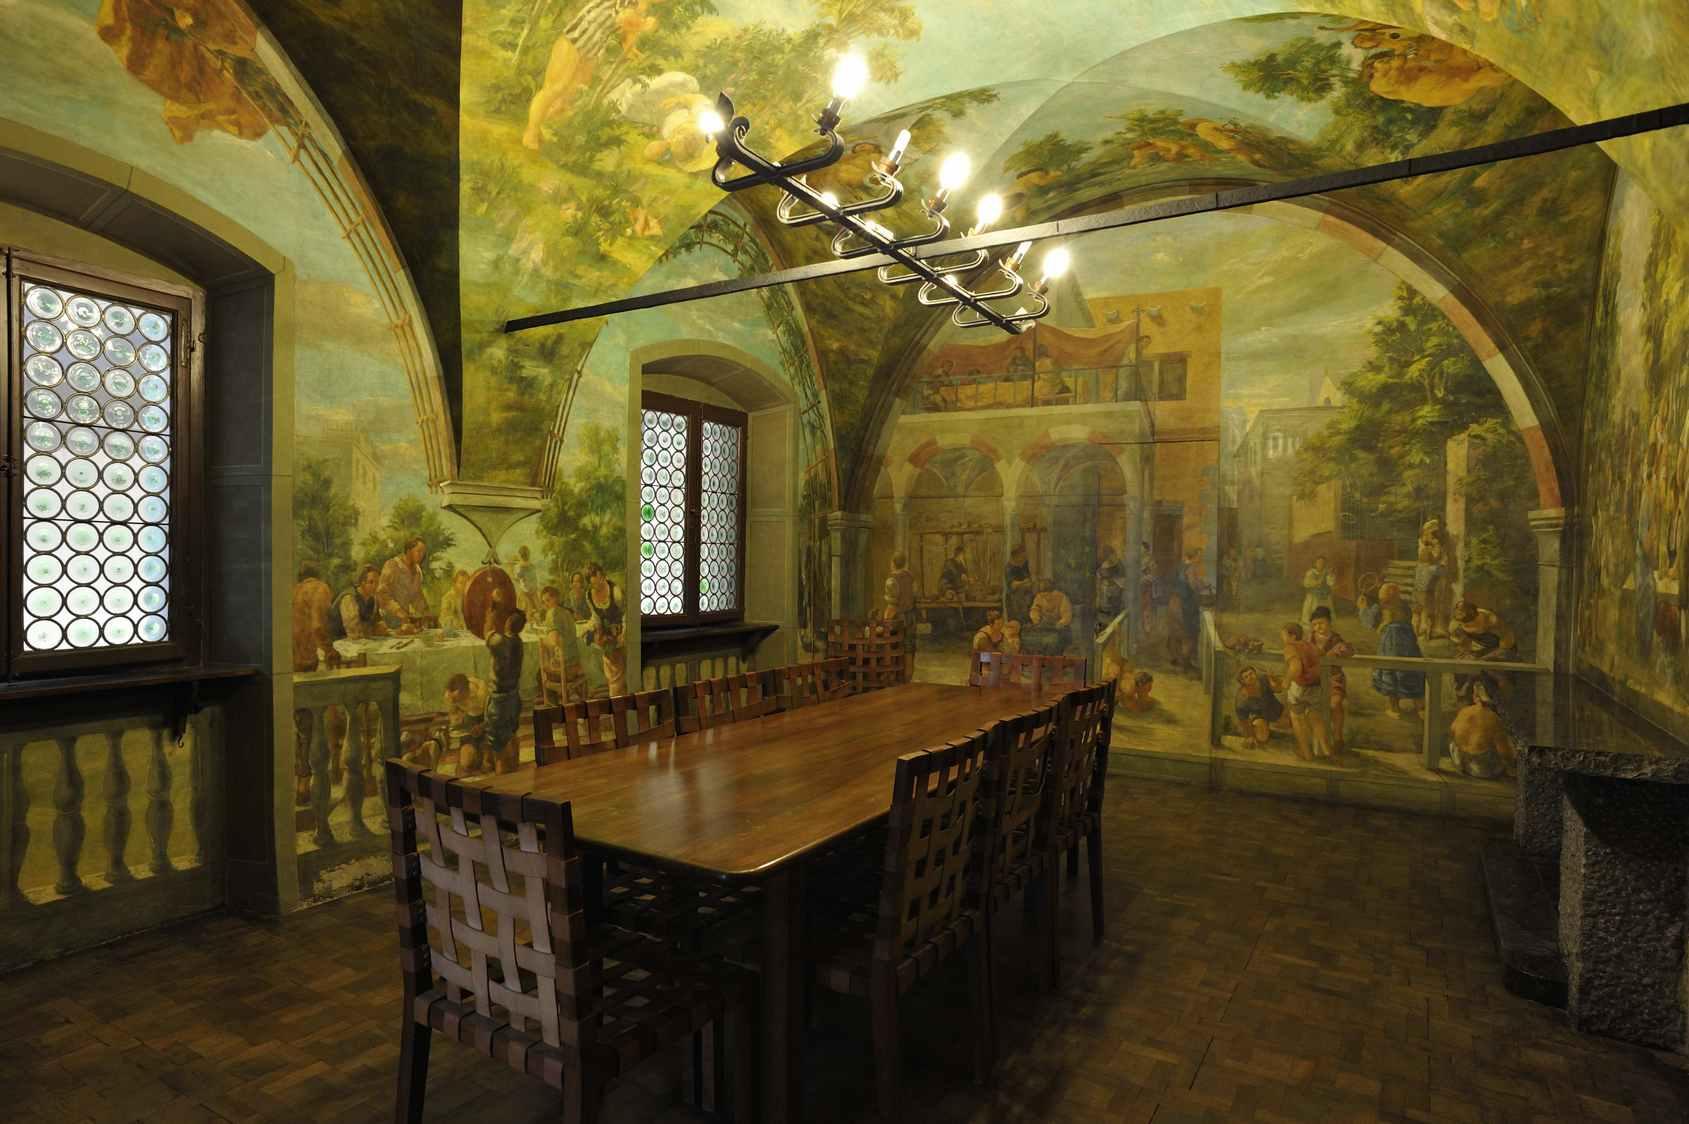 Casa Cavazzini  Civici Musei di Udine